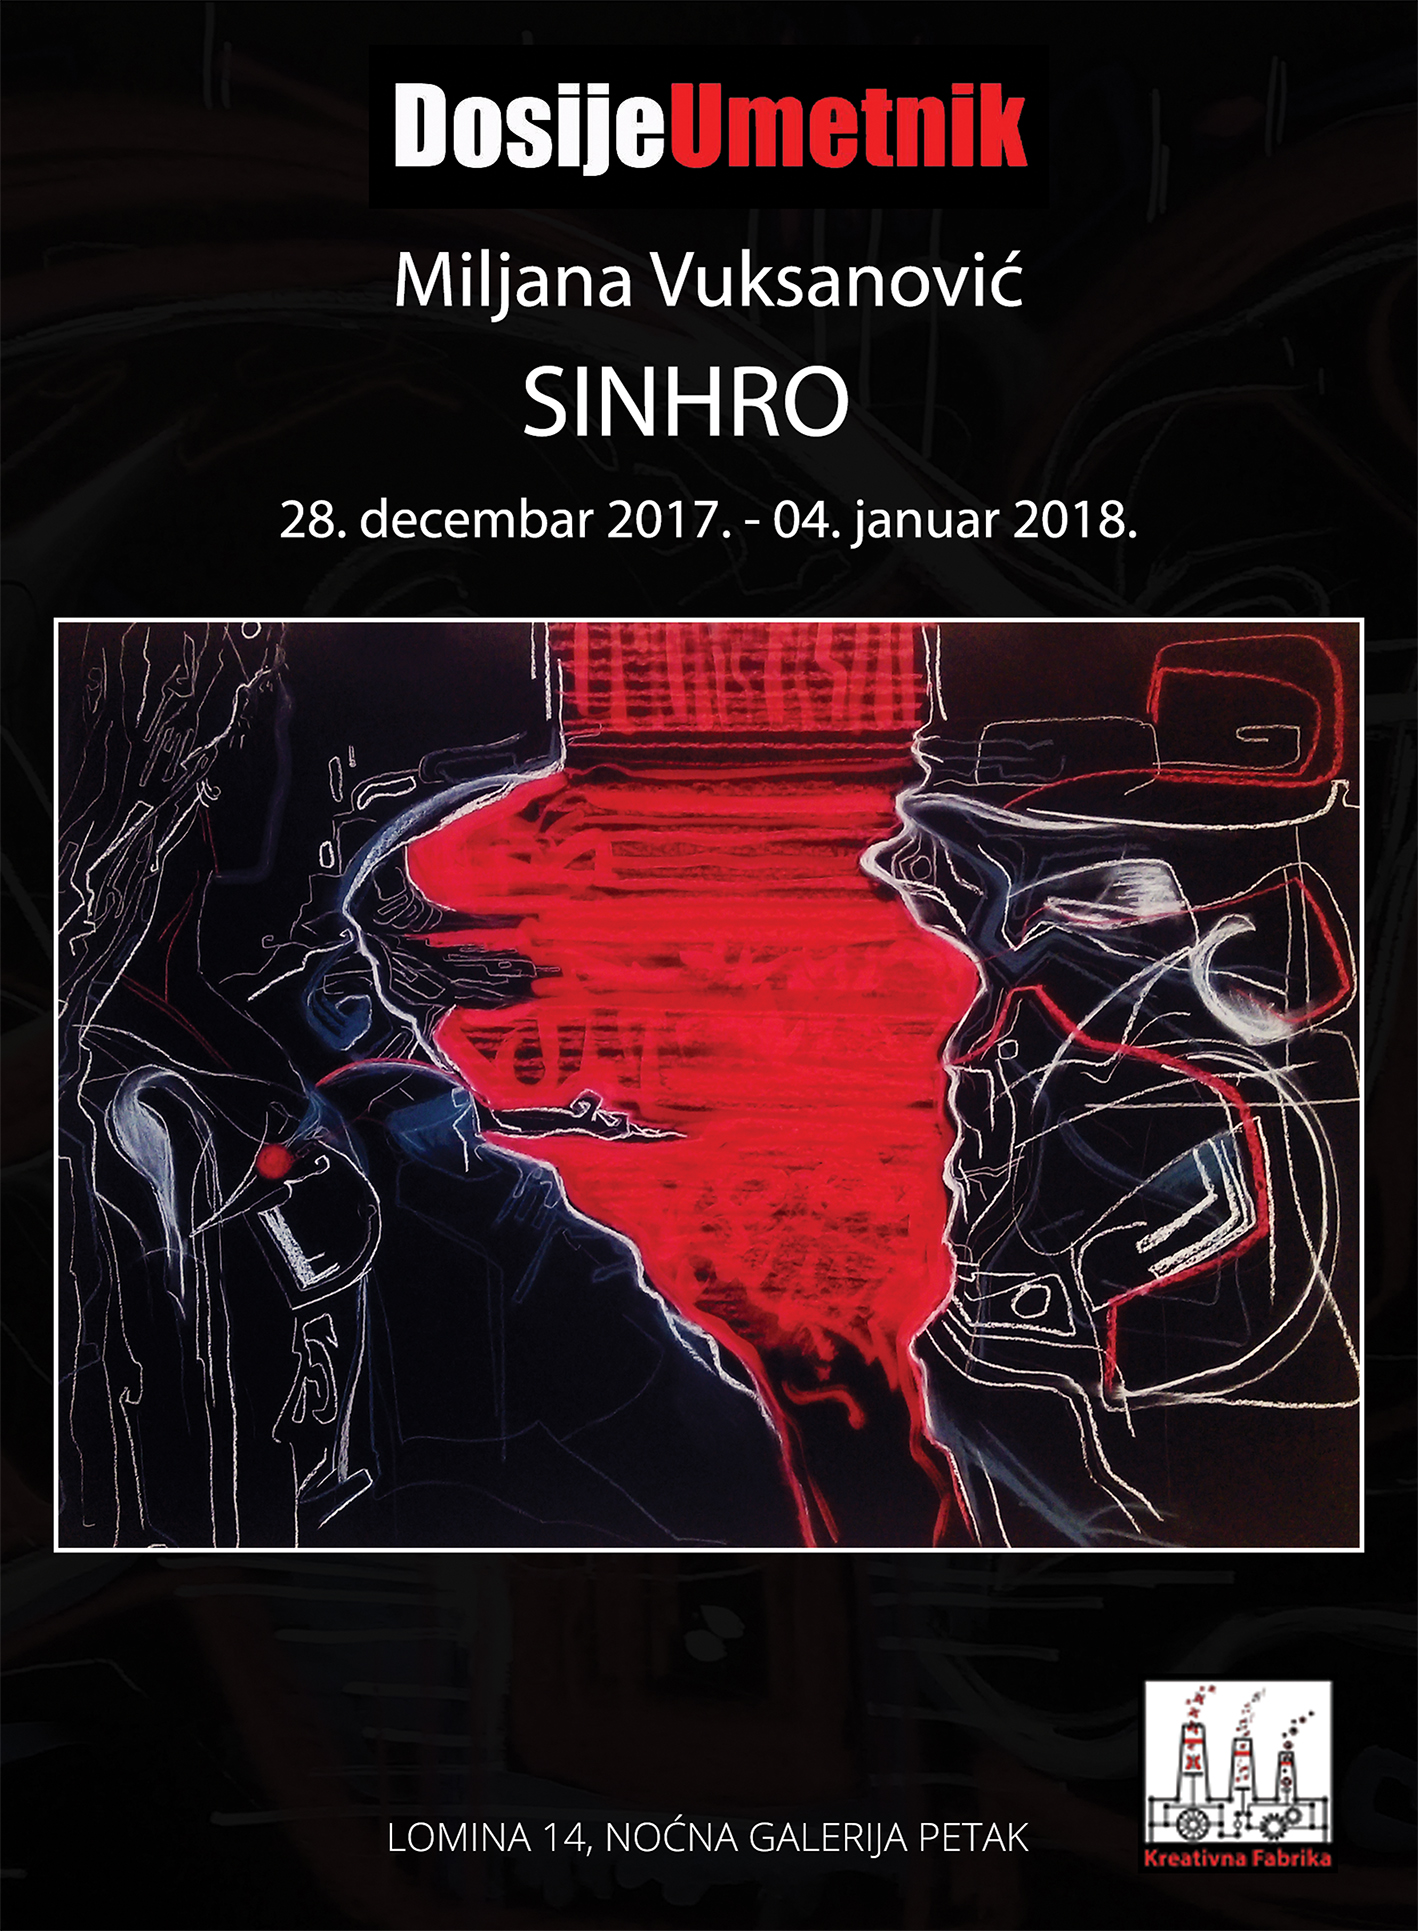 Od sutra u galeriji Petak izlaže Milijana Vuksanović